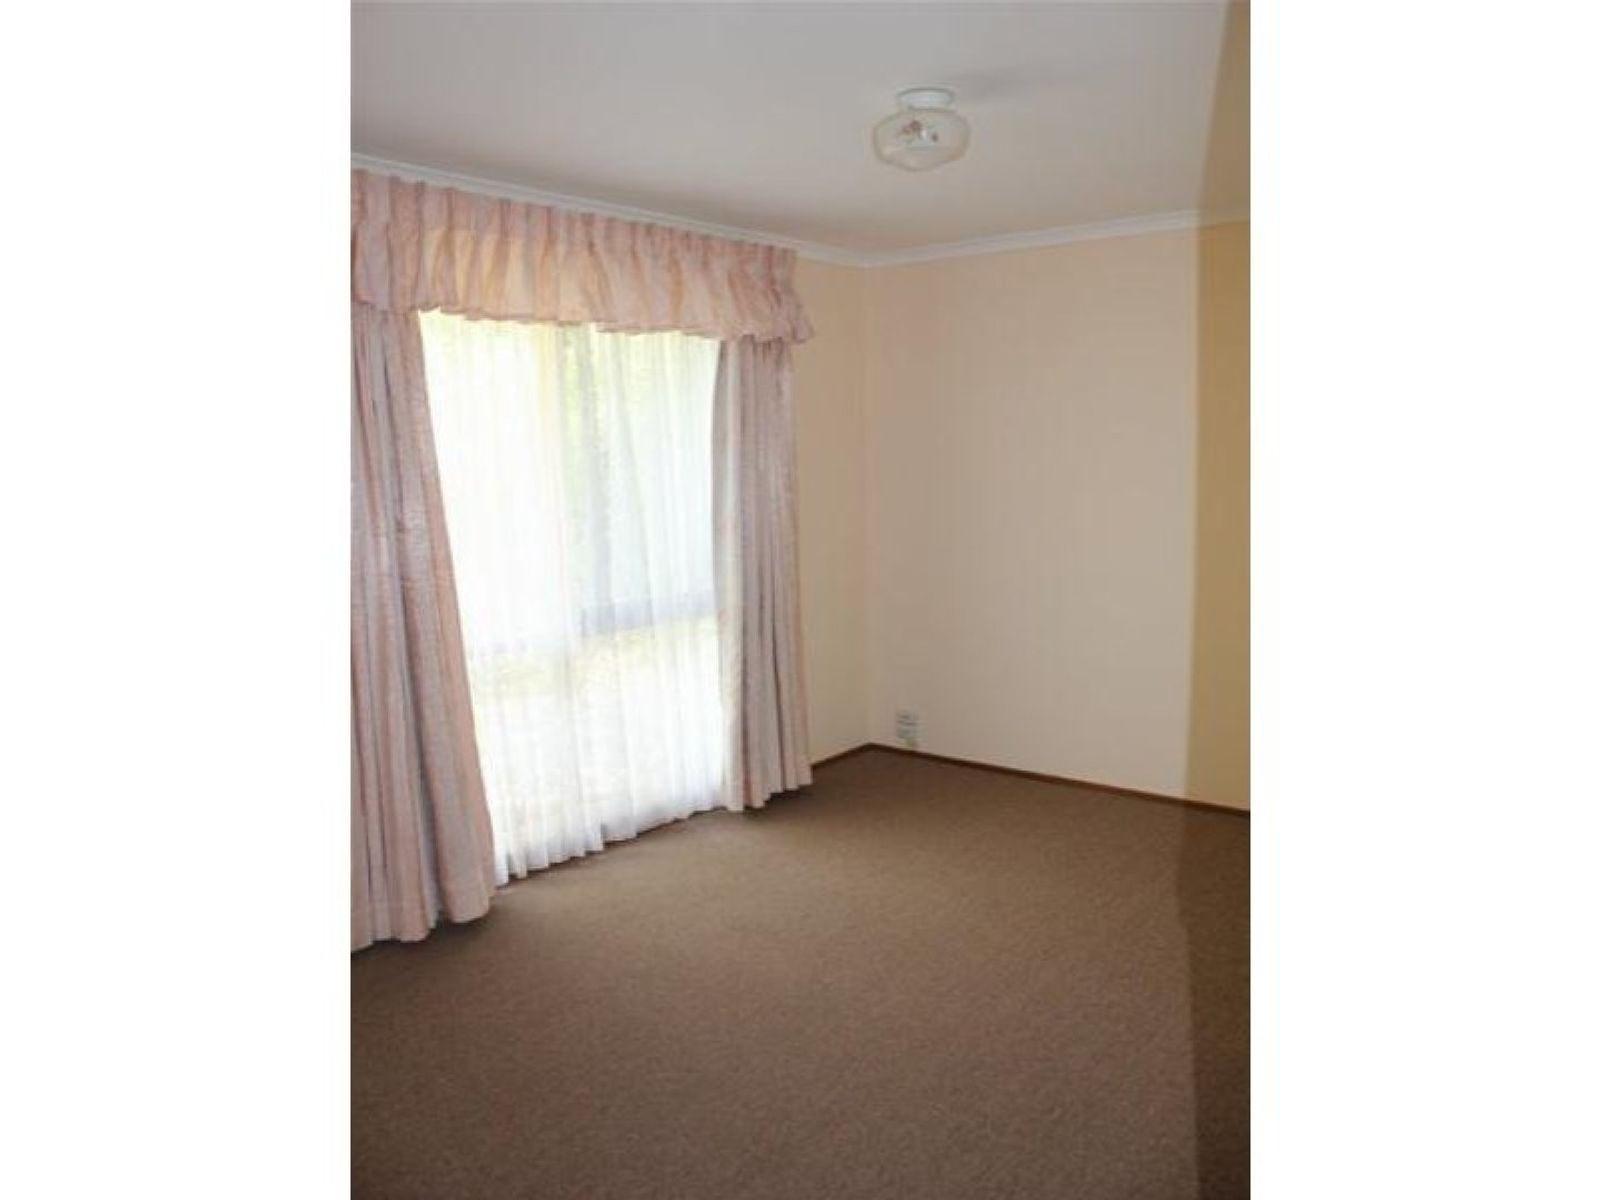 38 Kennington Park Drive, Endeavour Hills, VIC 3802